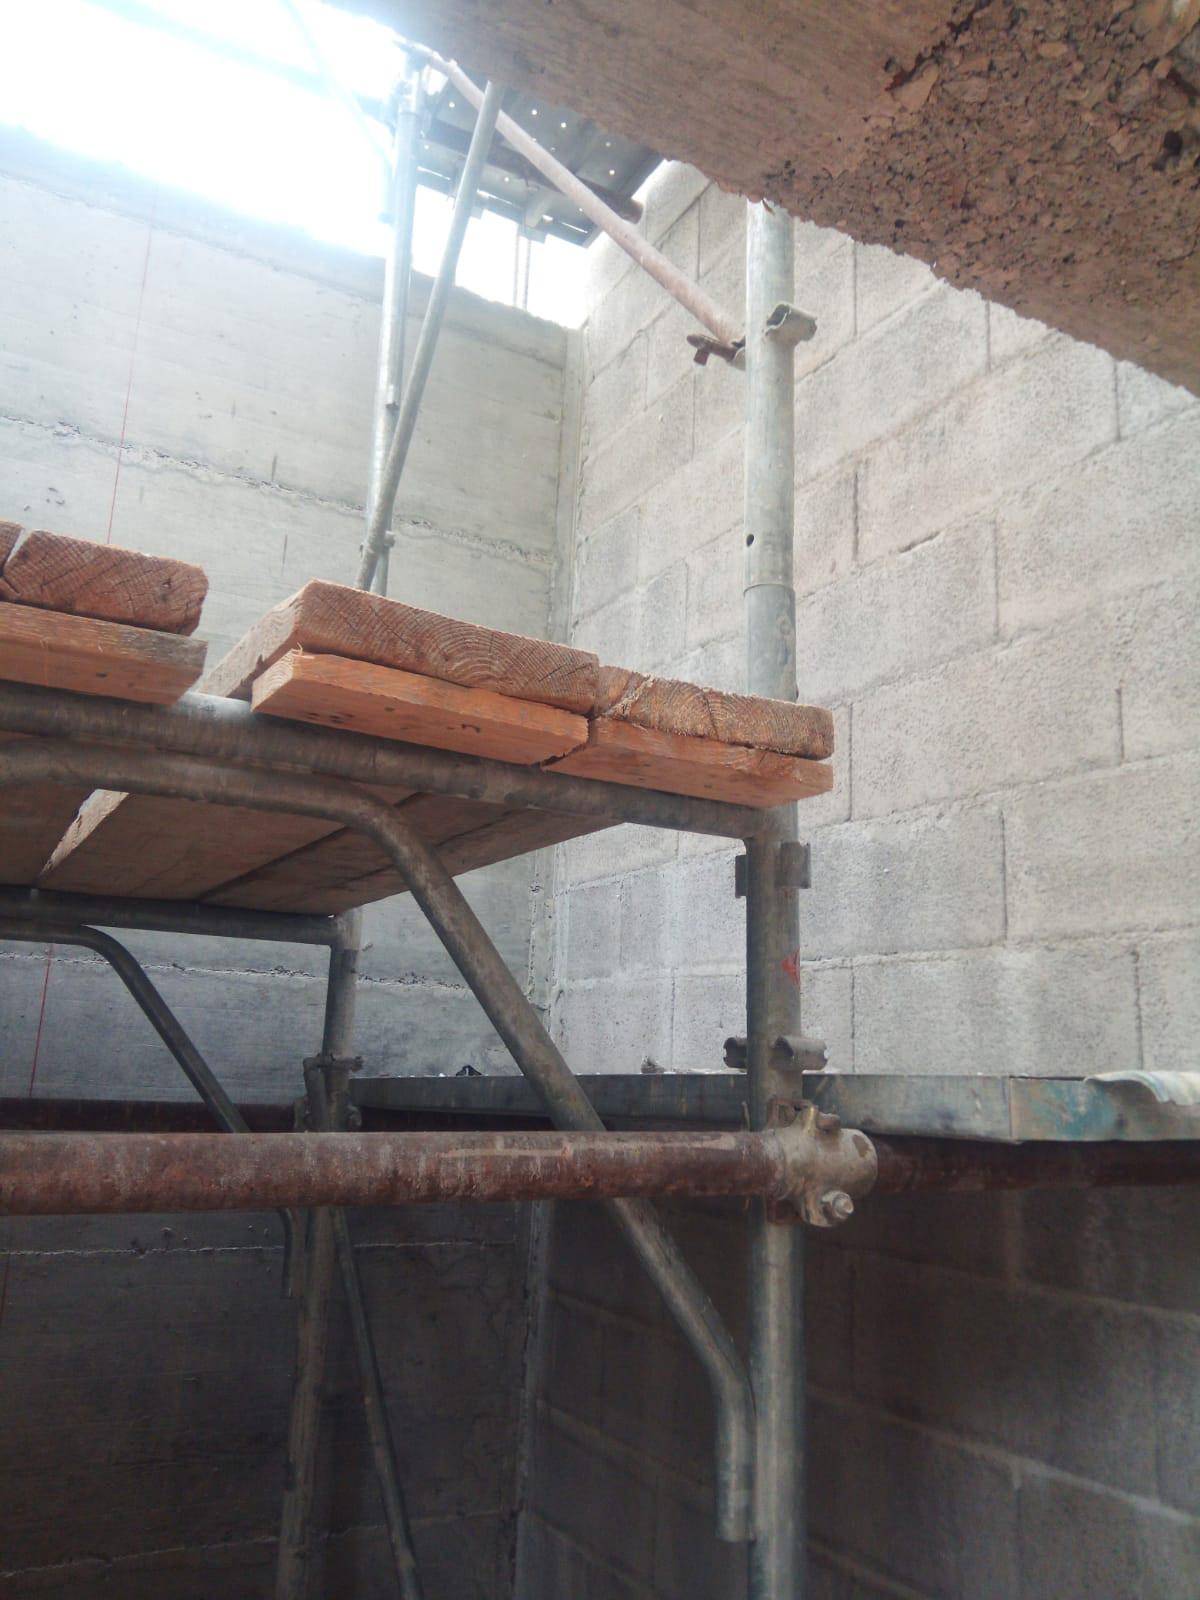 Perico-Renato-Casirate d'Adda (BG) - Scuola comunale - Adeguamento 9